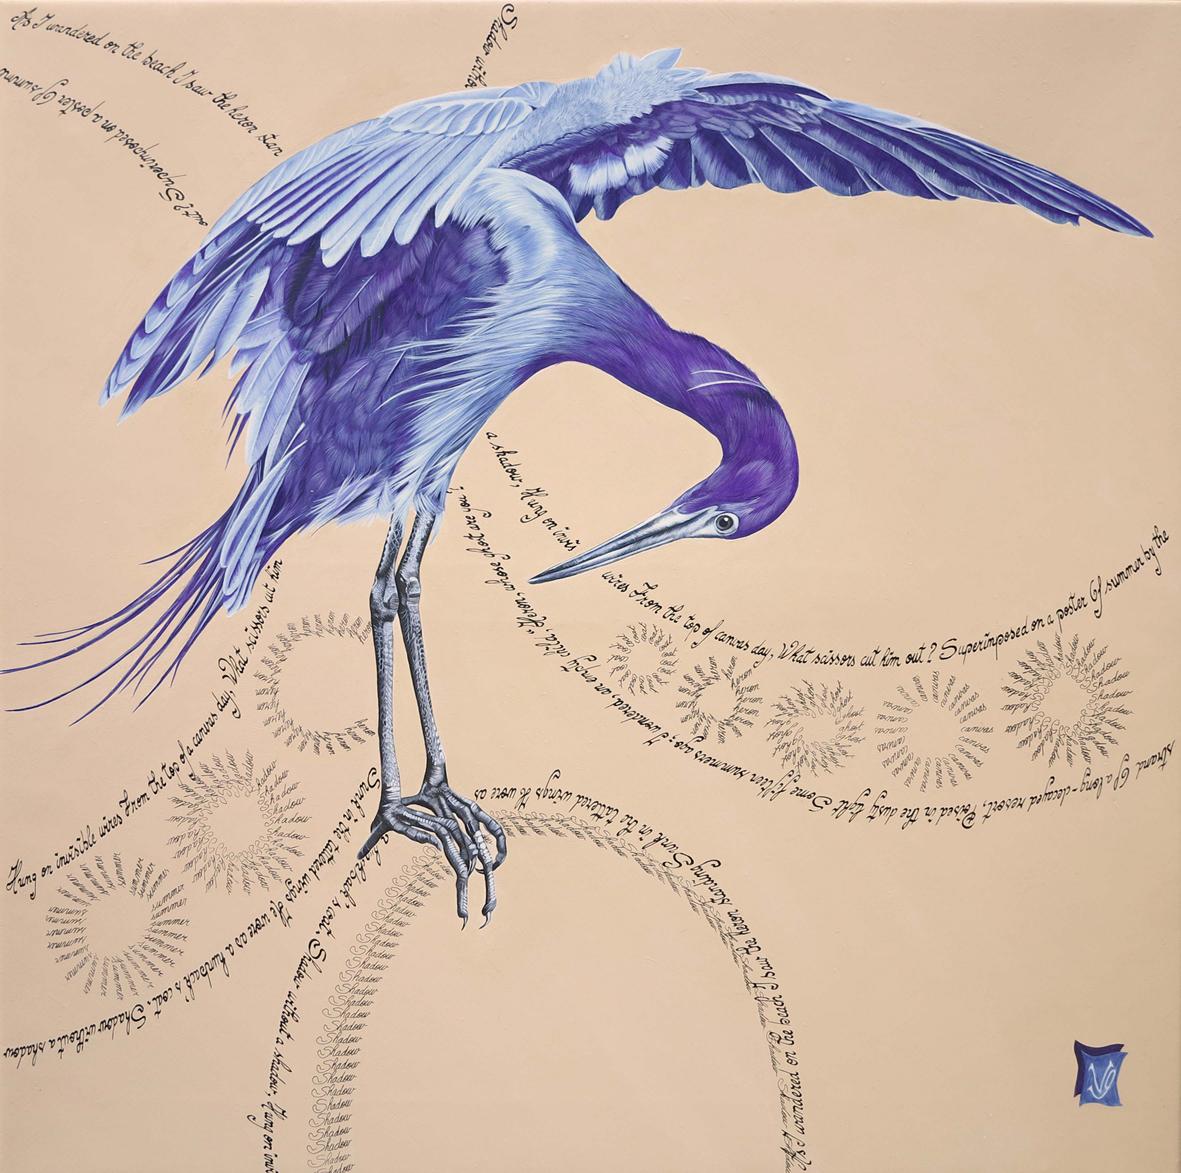 Suspendu à des fils invisibles Acrylique et calligraphie d'après le poème de Carolyn Kizer, 60 x 60 cm Valerie Glasson